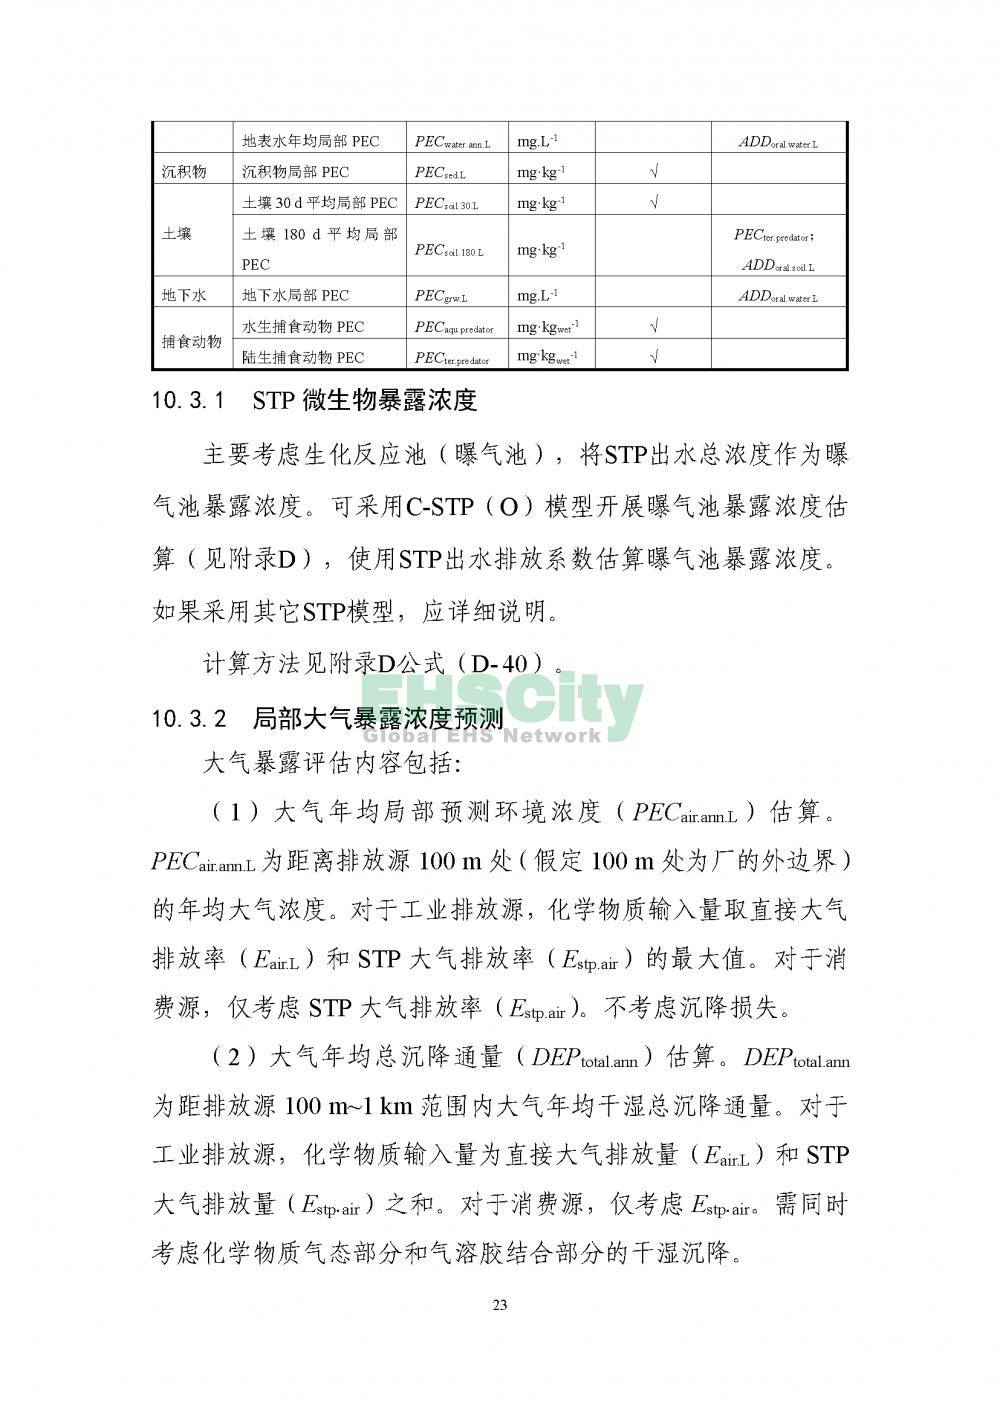 2化学物质环境与健康暴露评估技术导则_页面_25